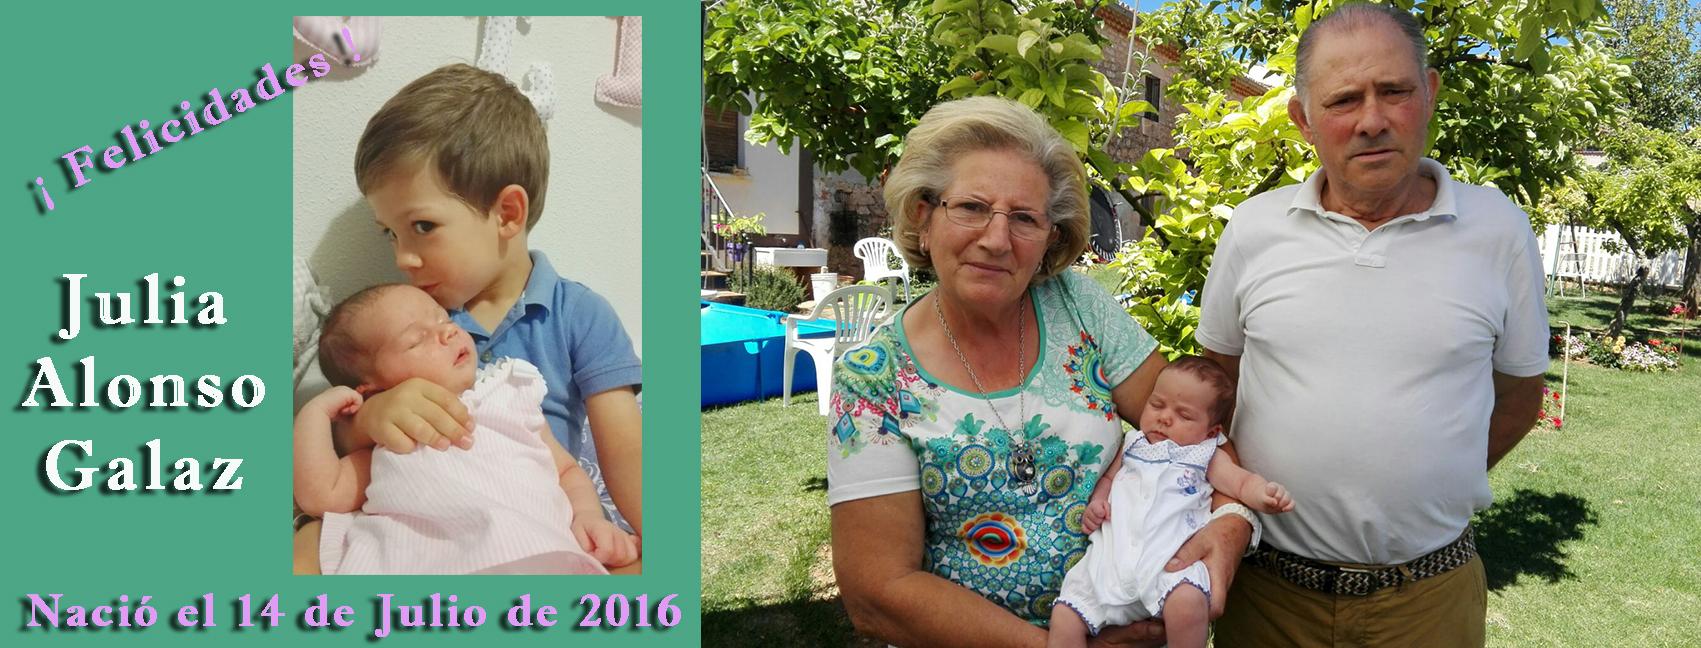 Nacimiento de Julia Alonso Galaz, el 14-07-2016 (Mecerreyes)